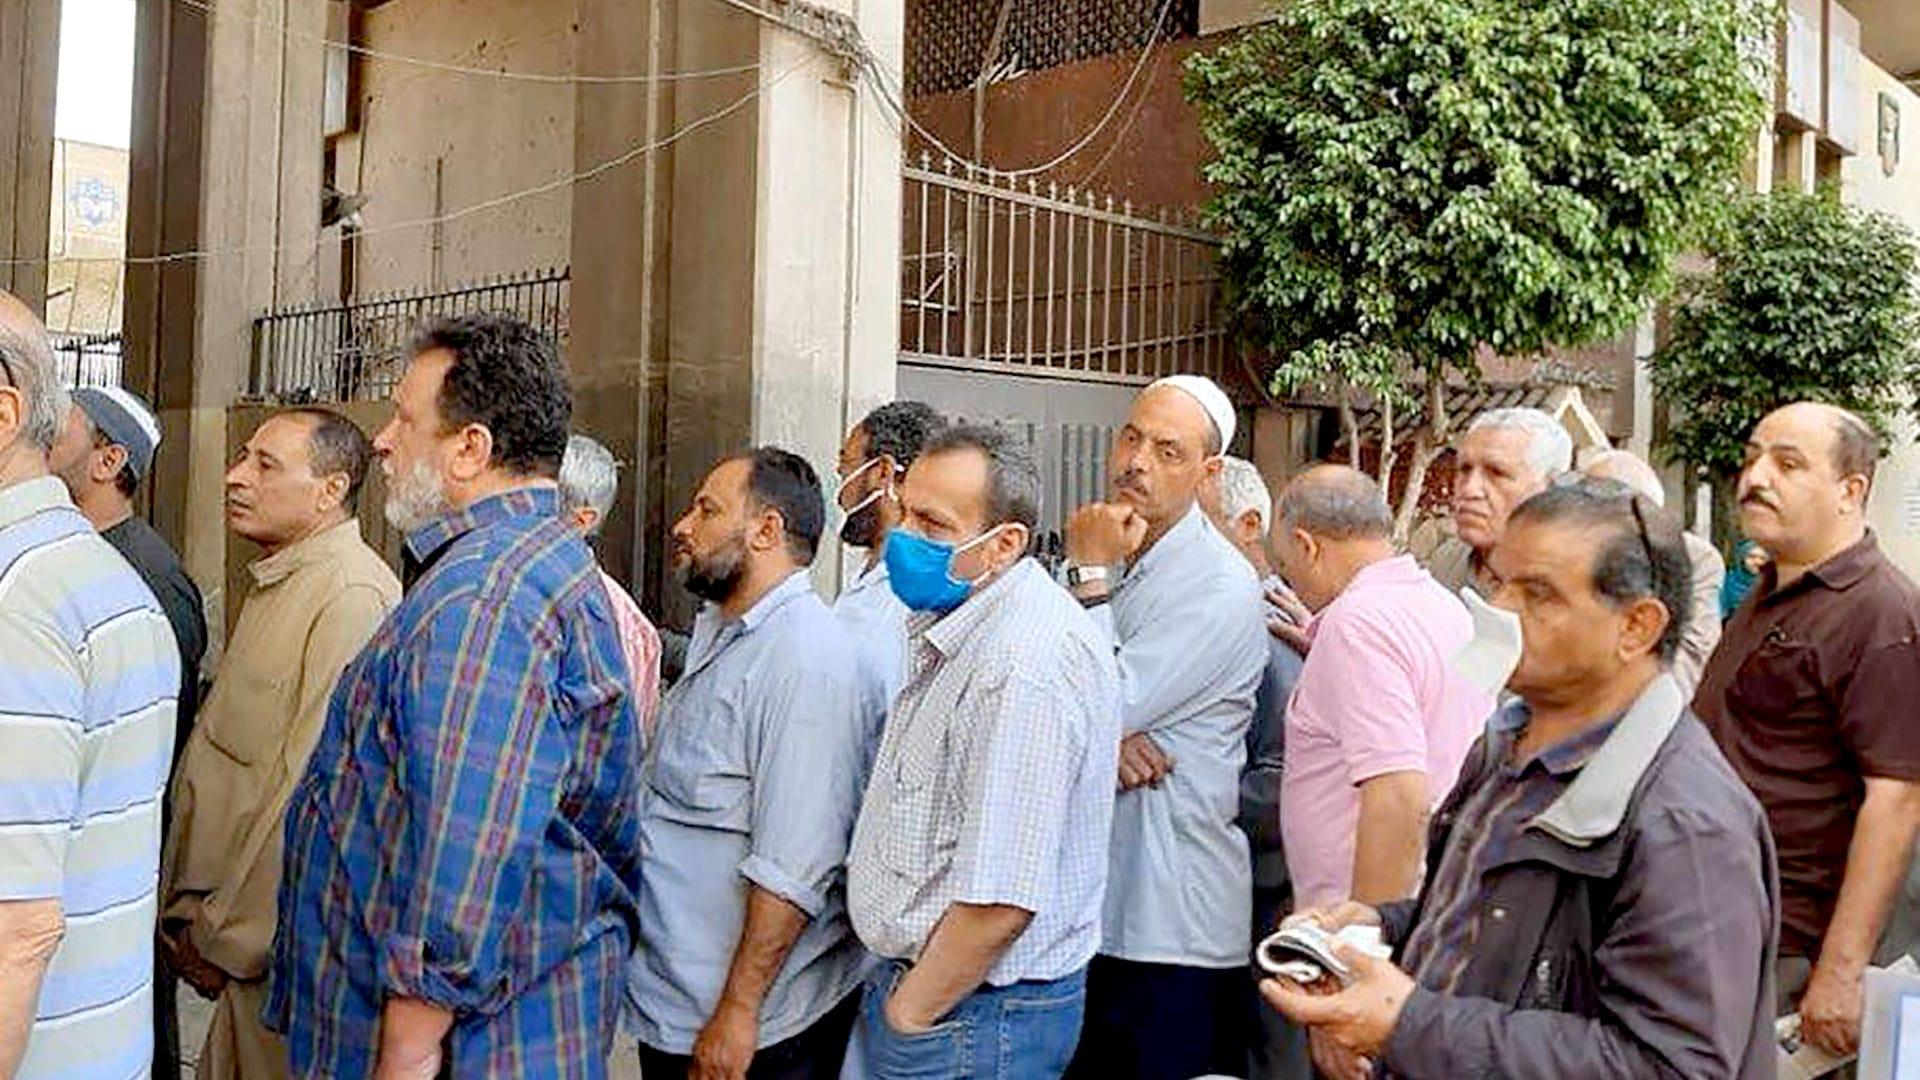 مصر تبدأ تطبيق قانون فصل الإخوان